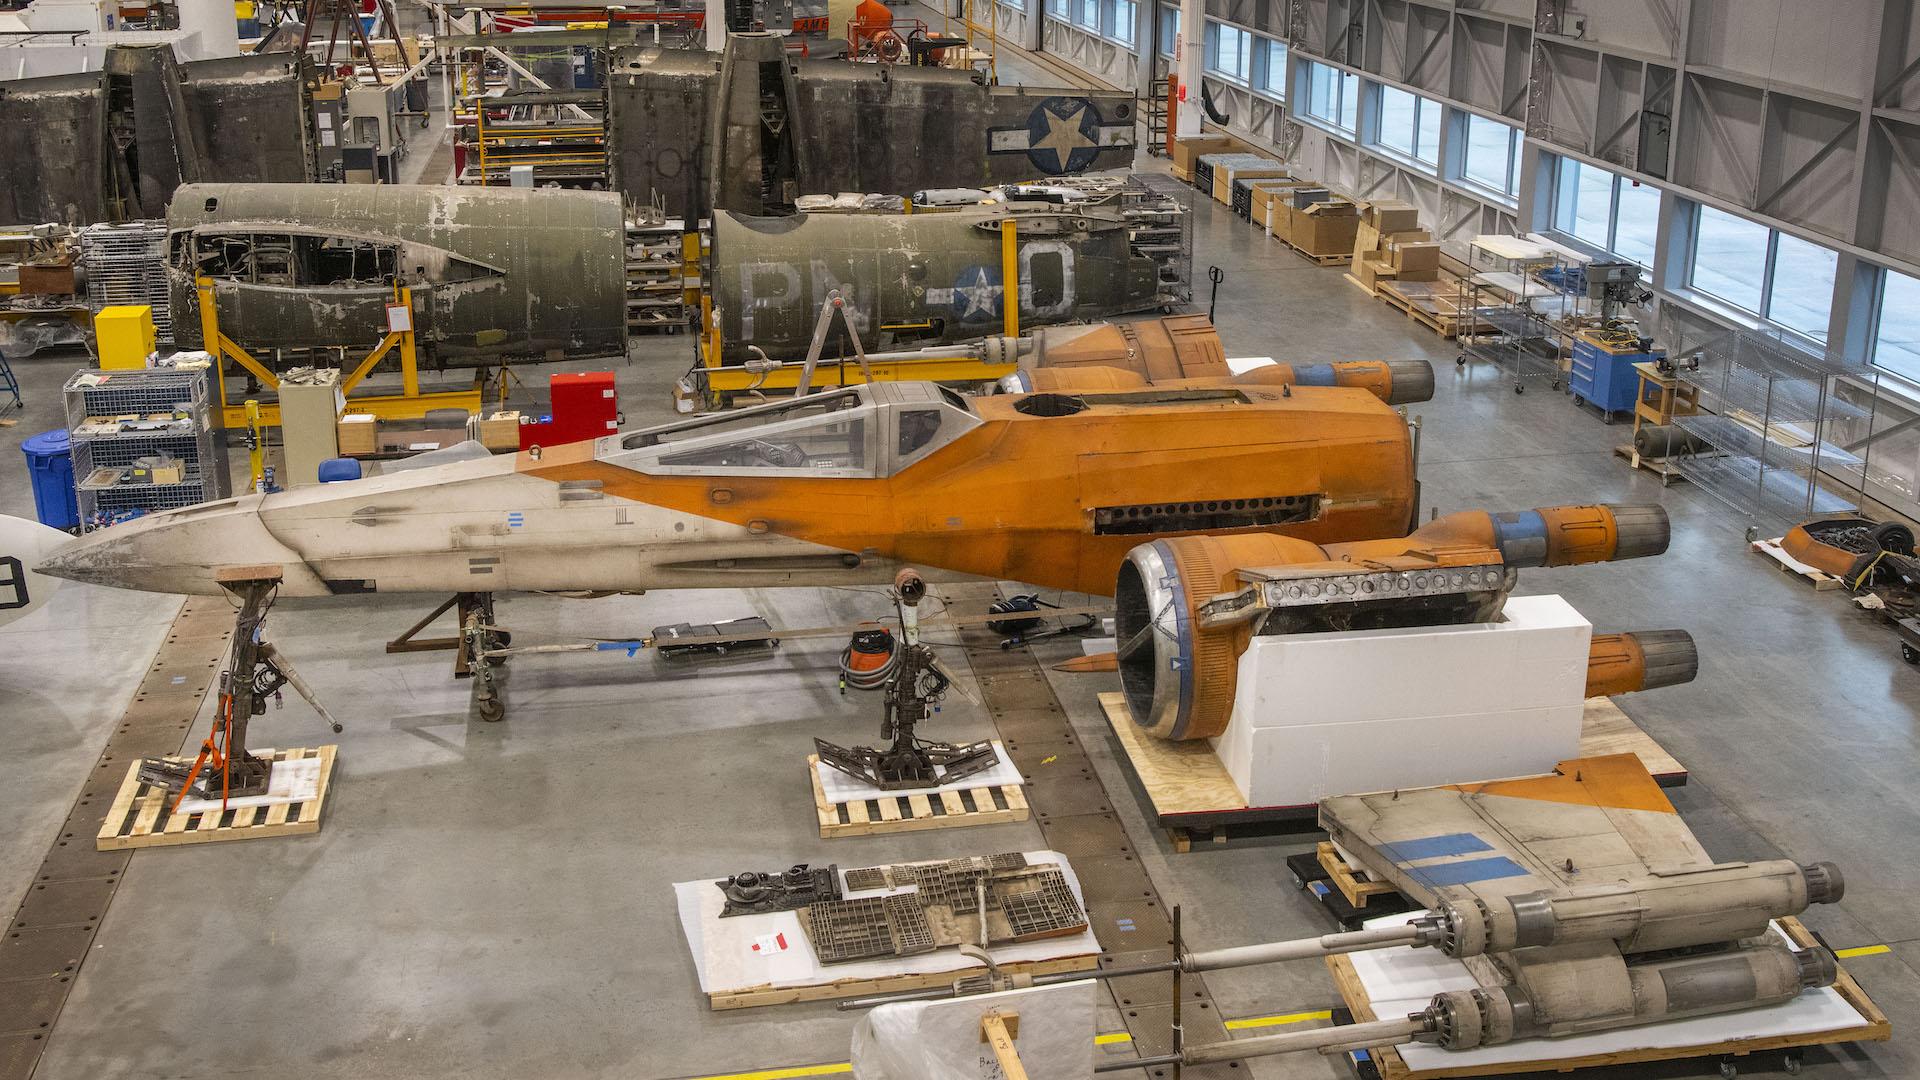 Star Wars llega al museo Smithsonian con una nave X-Wing